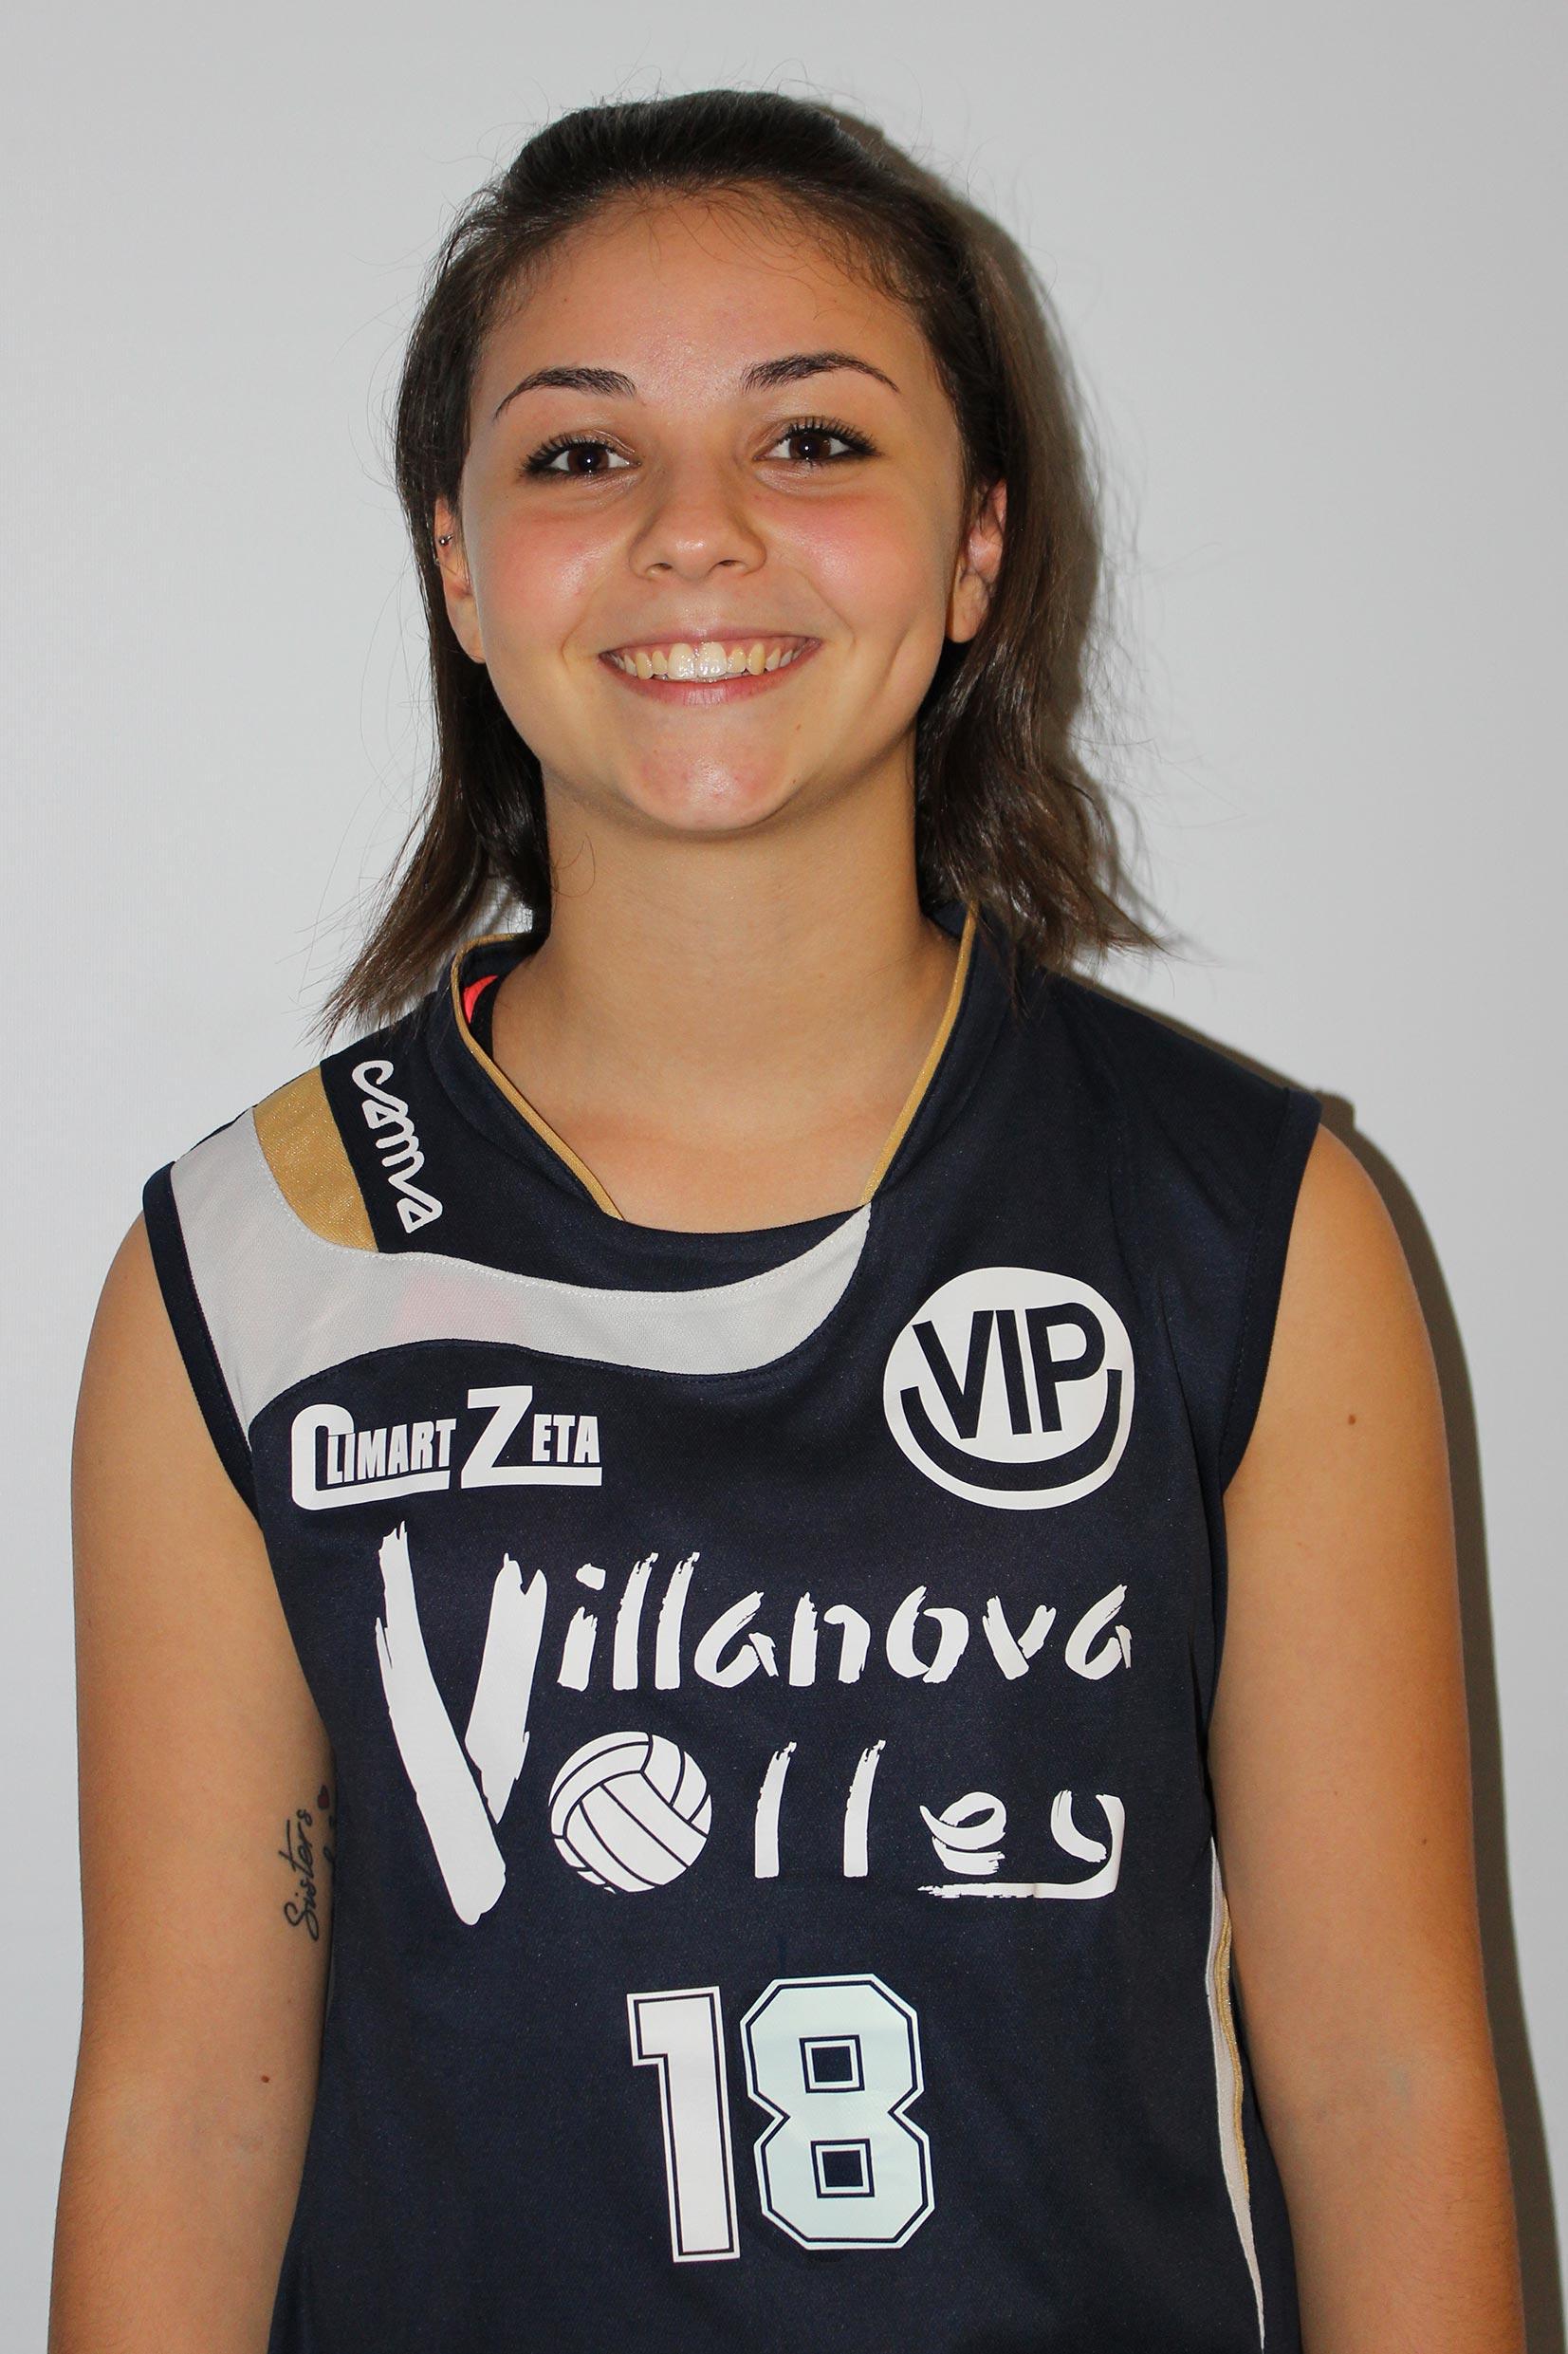 Emma Quartieri